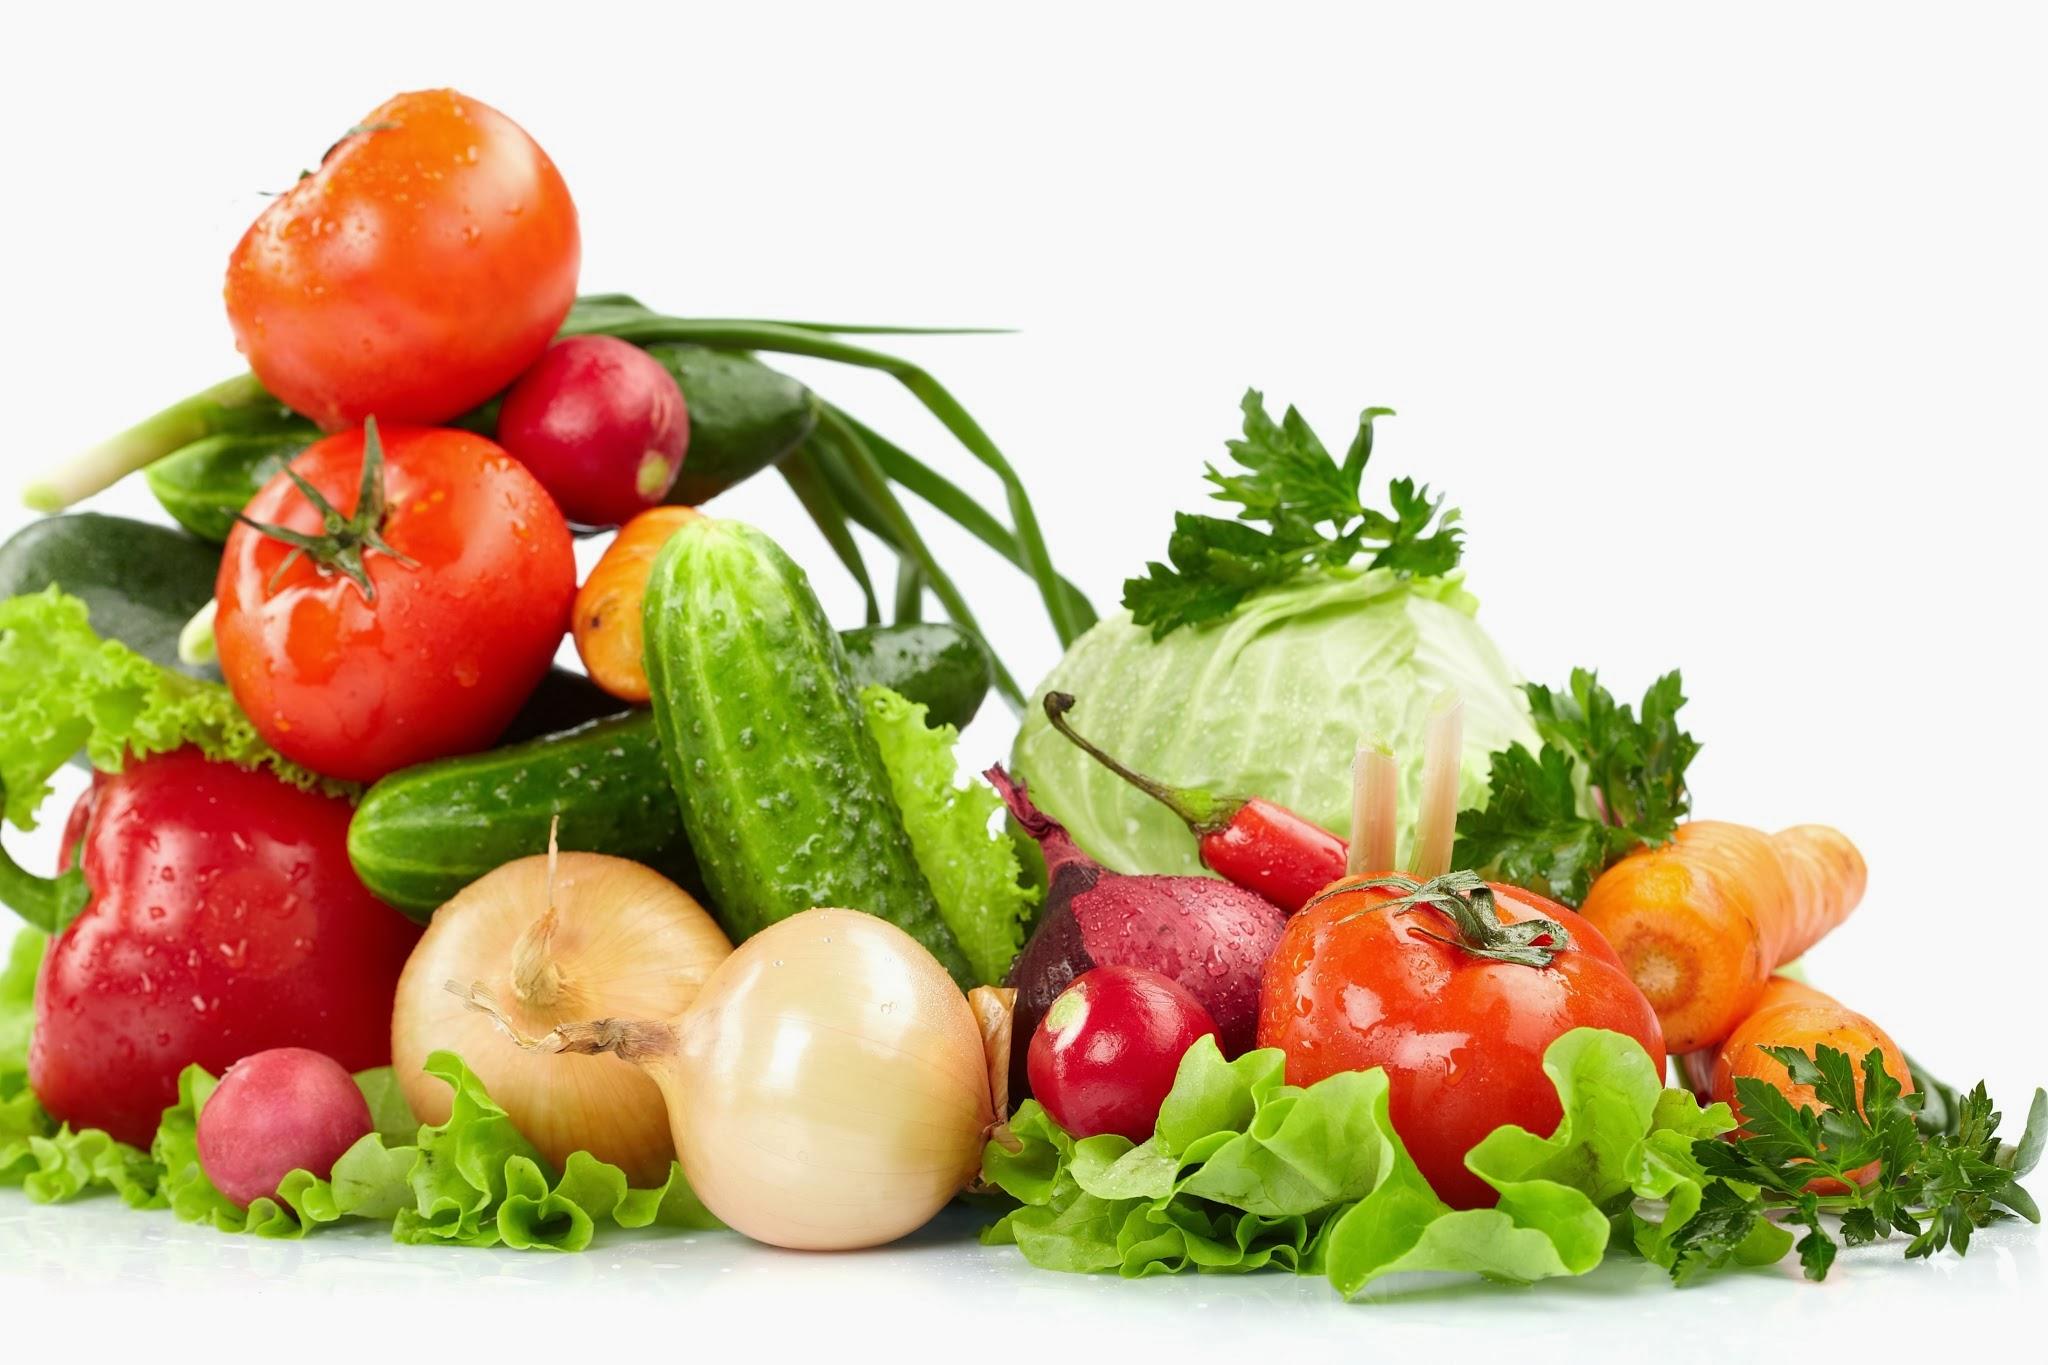 Những thực phẩm tốt cho người bị u nang buồng trứng